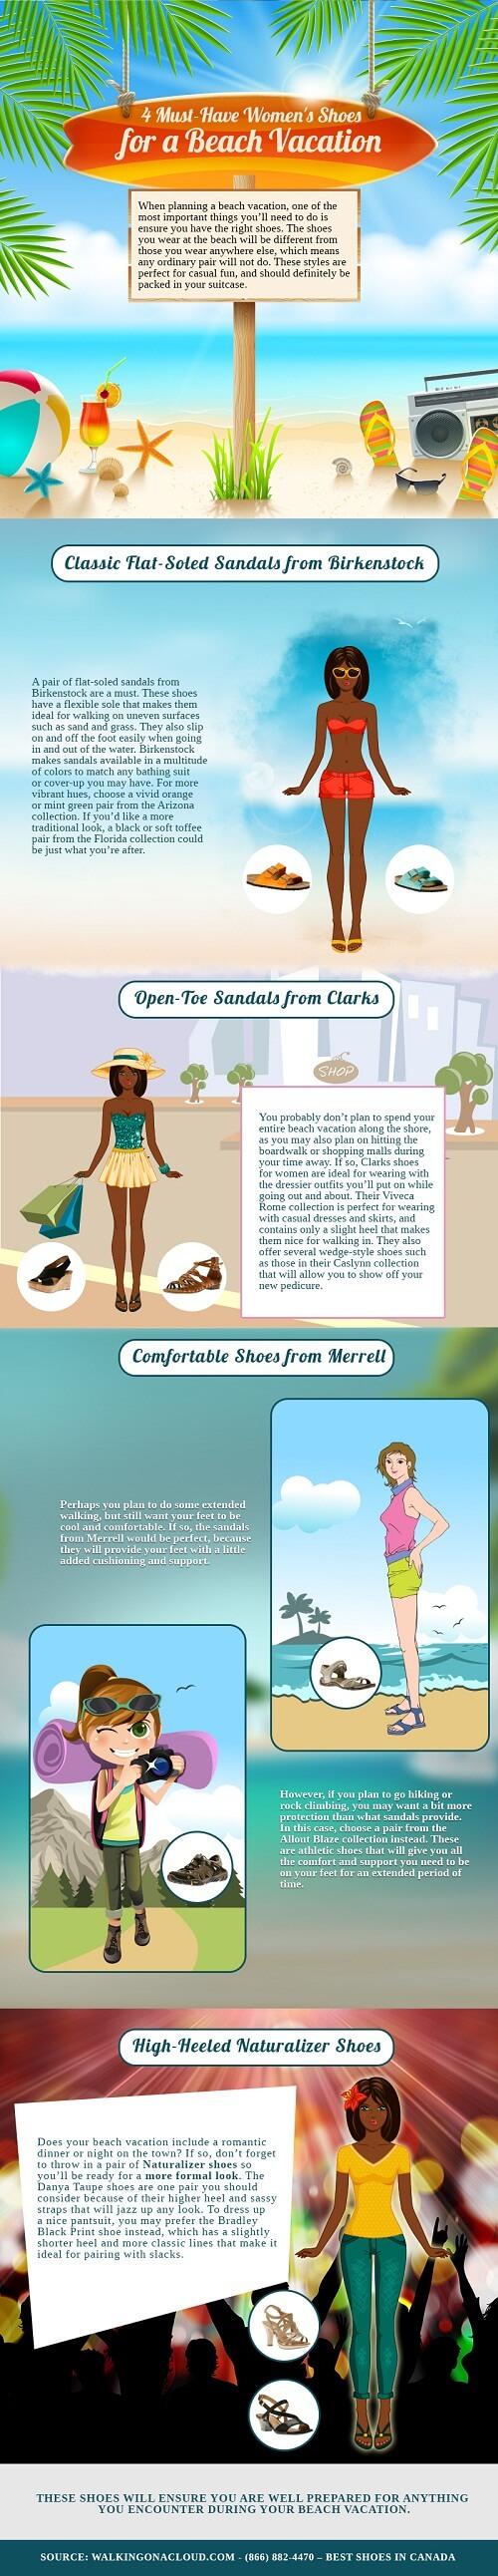 4 zapatos que debes tener para las vacaciones de playa #infografía